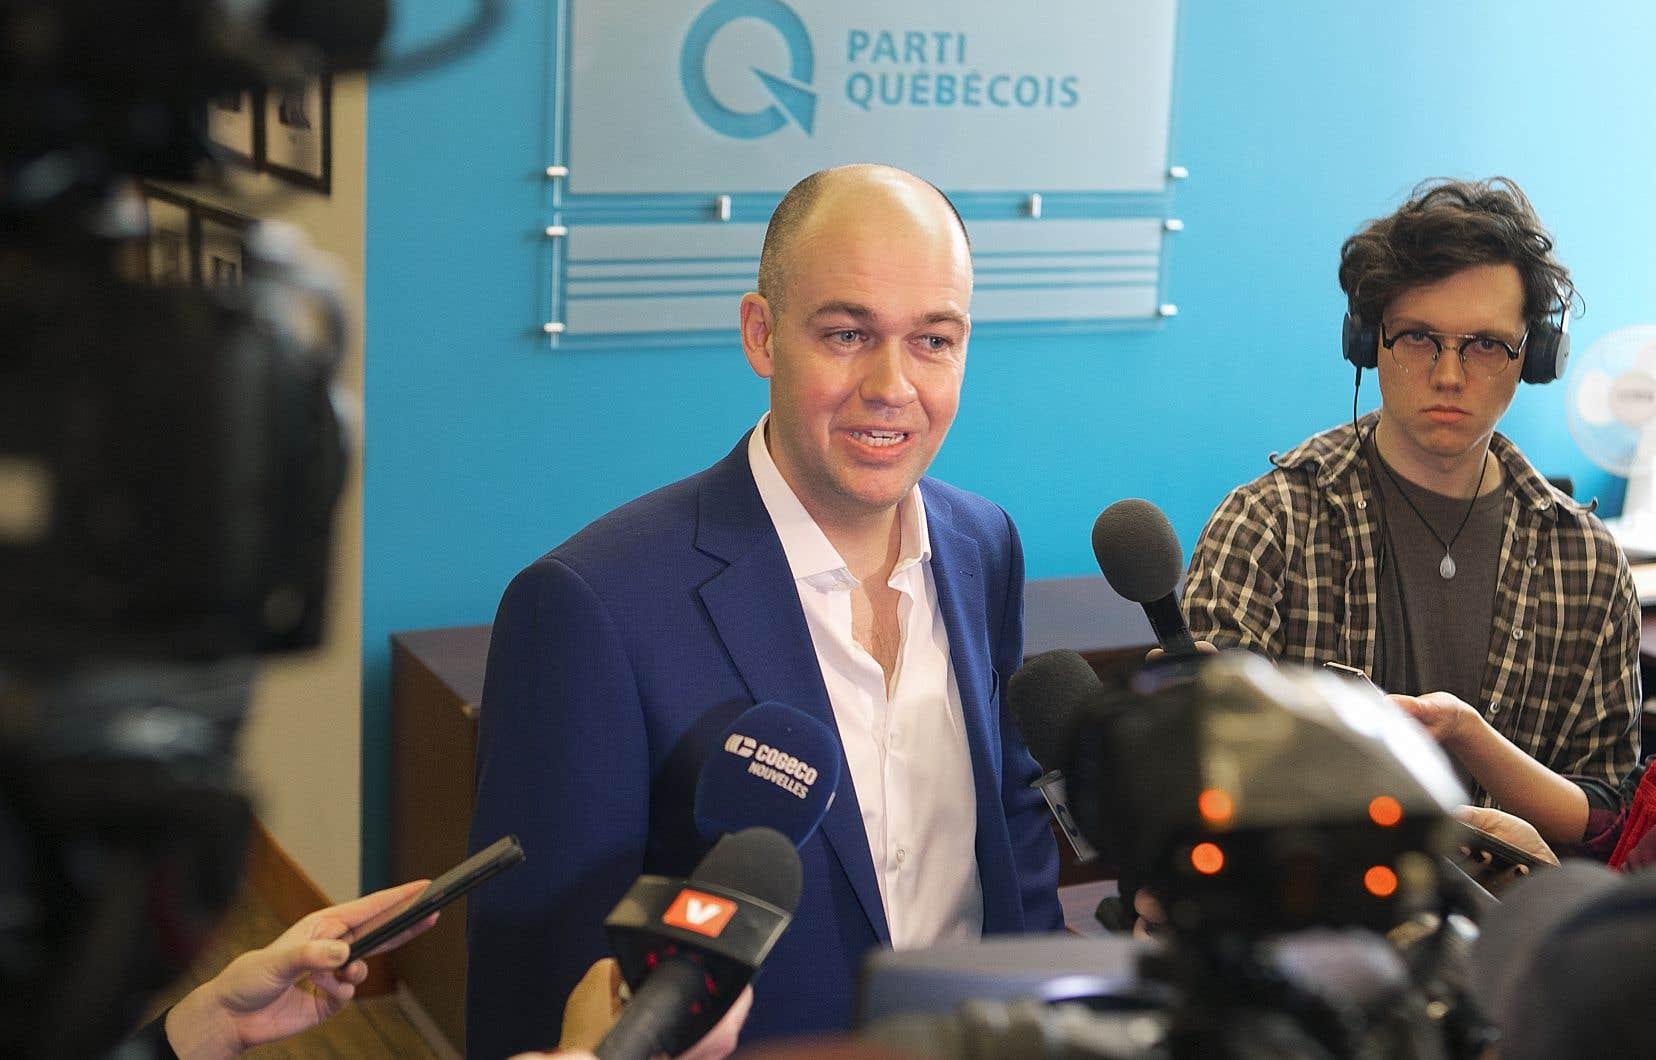 L'humoriste Guy Nantel est l'un des cinq candidats déclarés à la direction du Parti québécois.